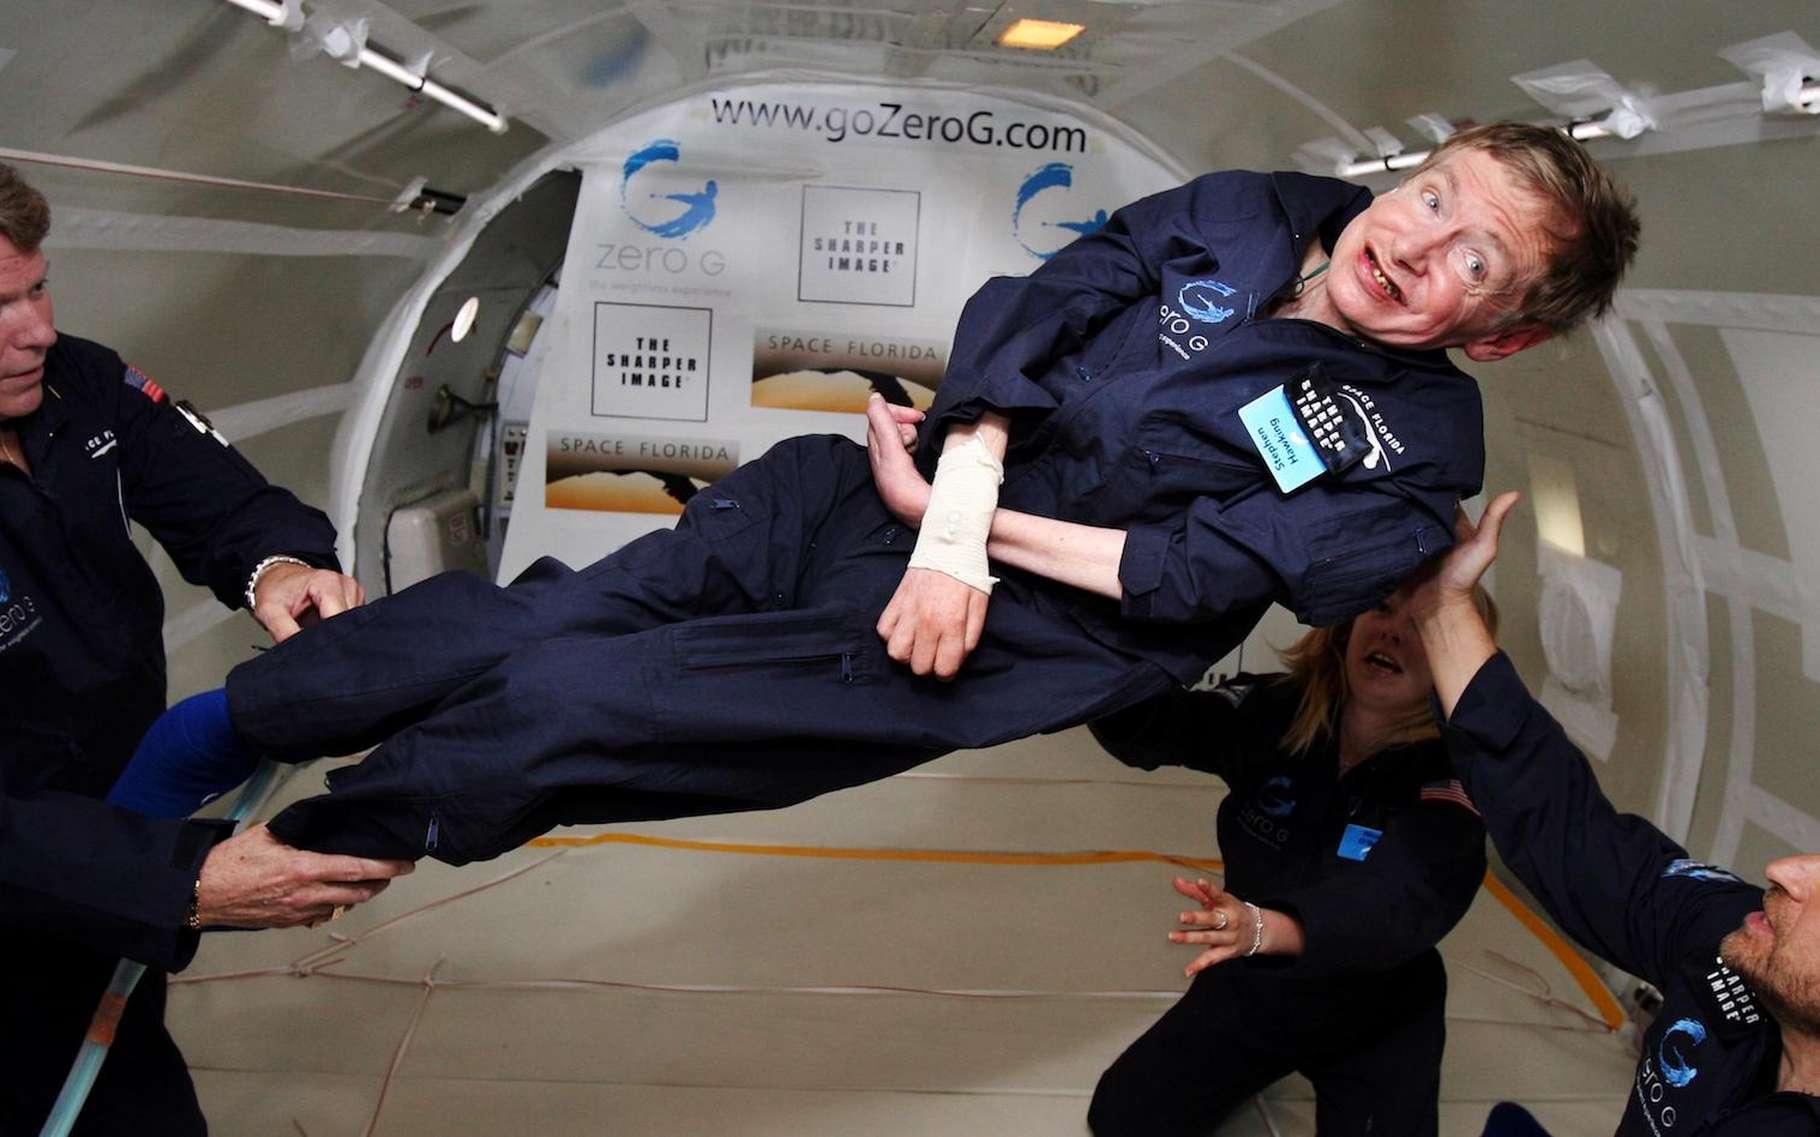 L'initiative de Stephen Hawking — ici pendant un vol dans un avion « zéro G » — de rendre sa thèse accessible au public inspirera-t-elle d'autres grands scientifiques? C'est ce qu'espère l'université de Cambridge — qui a vu passer presque 100 lauréats de prix Nobel. © Jim Campbell, Aero-New Network, Wikipedia, Domaine public